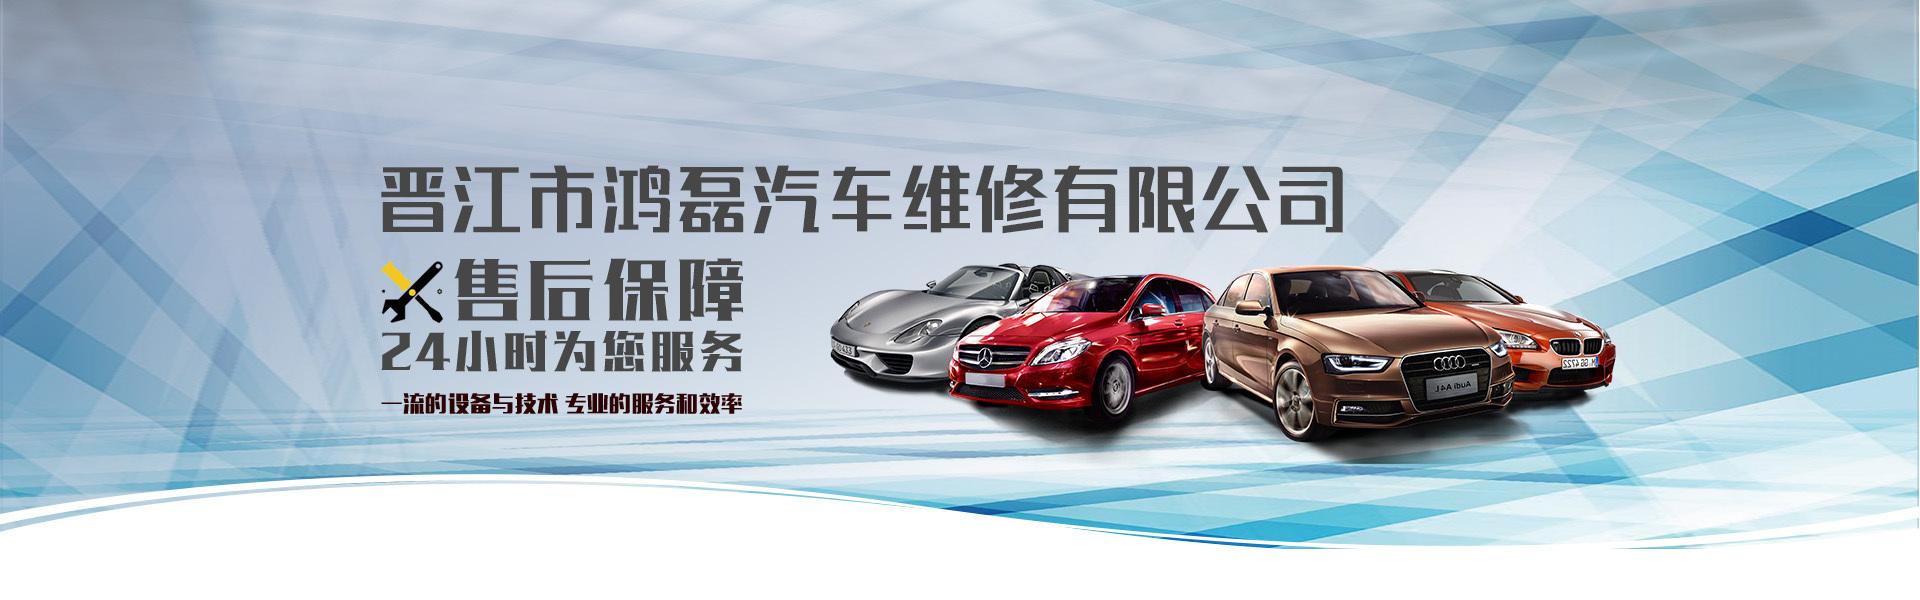 晋江市鸿磊汽车维修有限公司